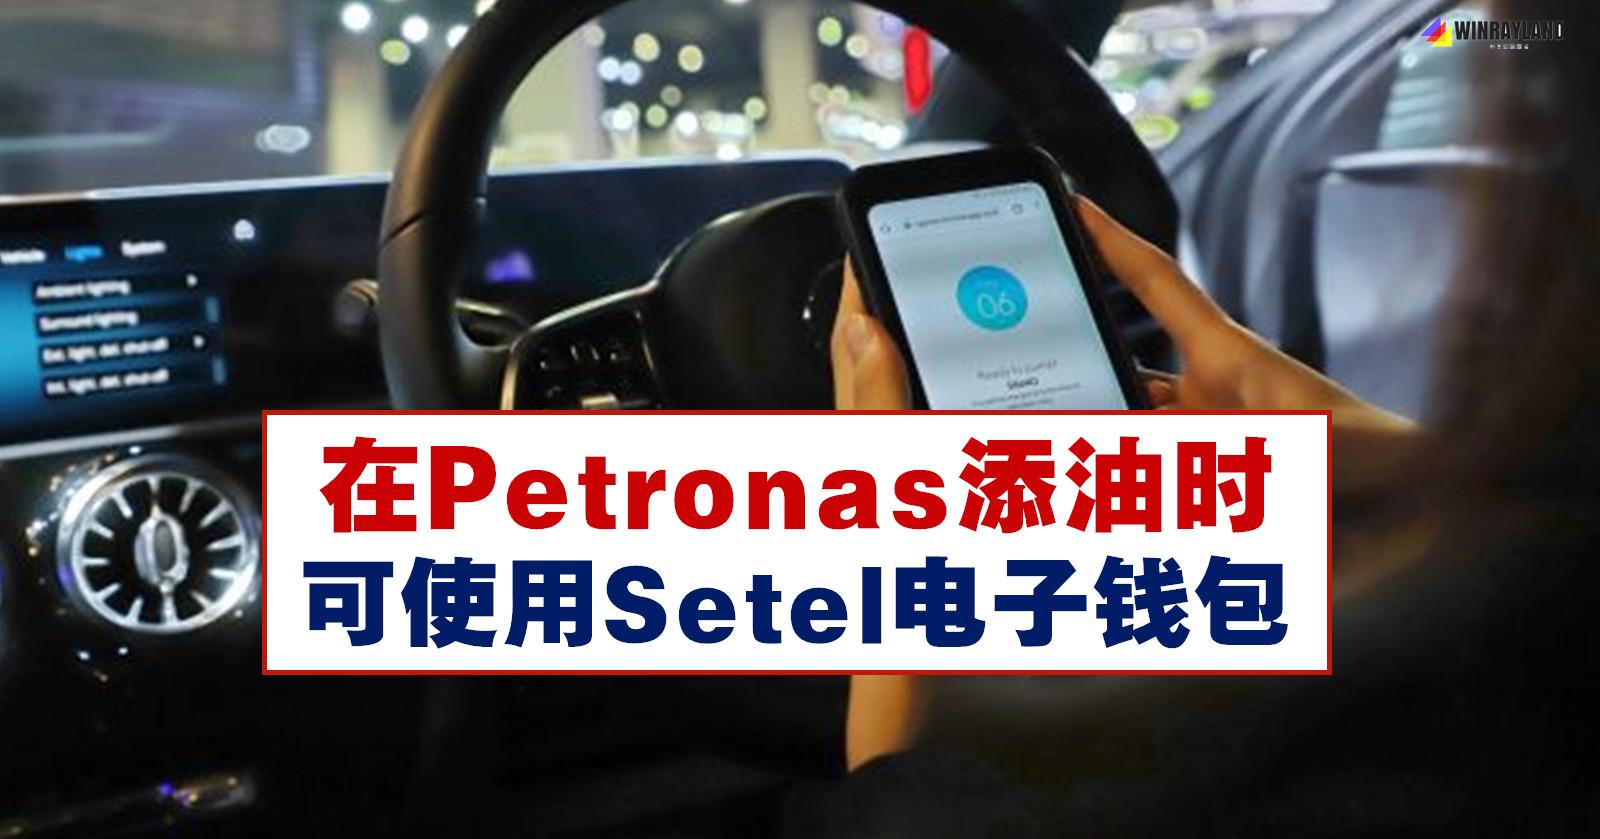 85家Petronas油站支持Setel电子钱包,可在无现金下为车子添油